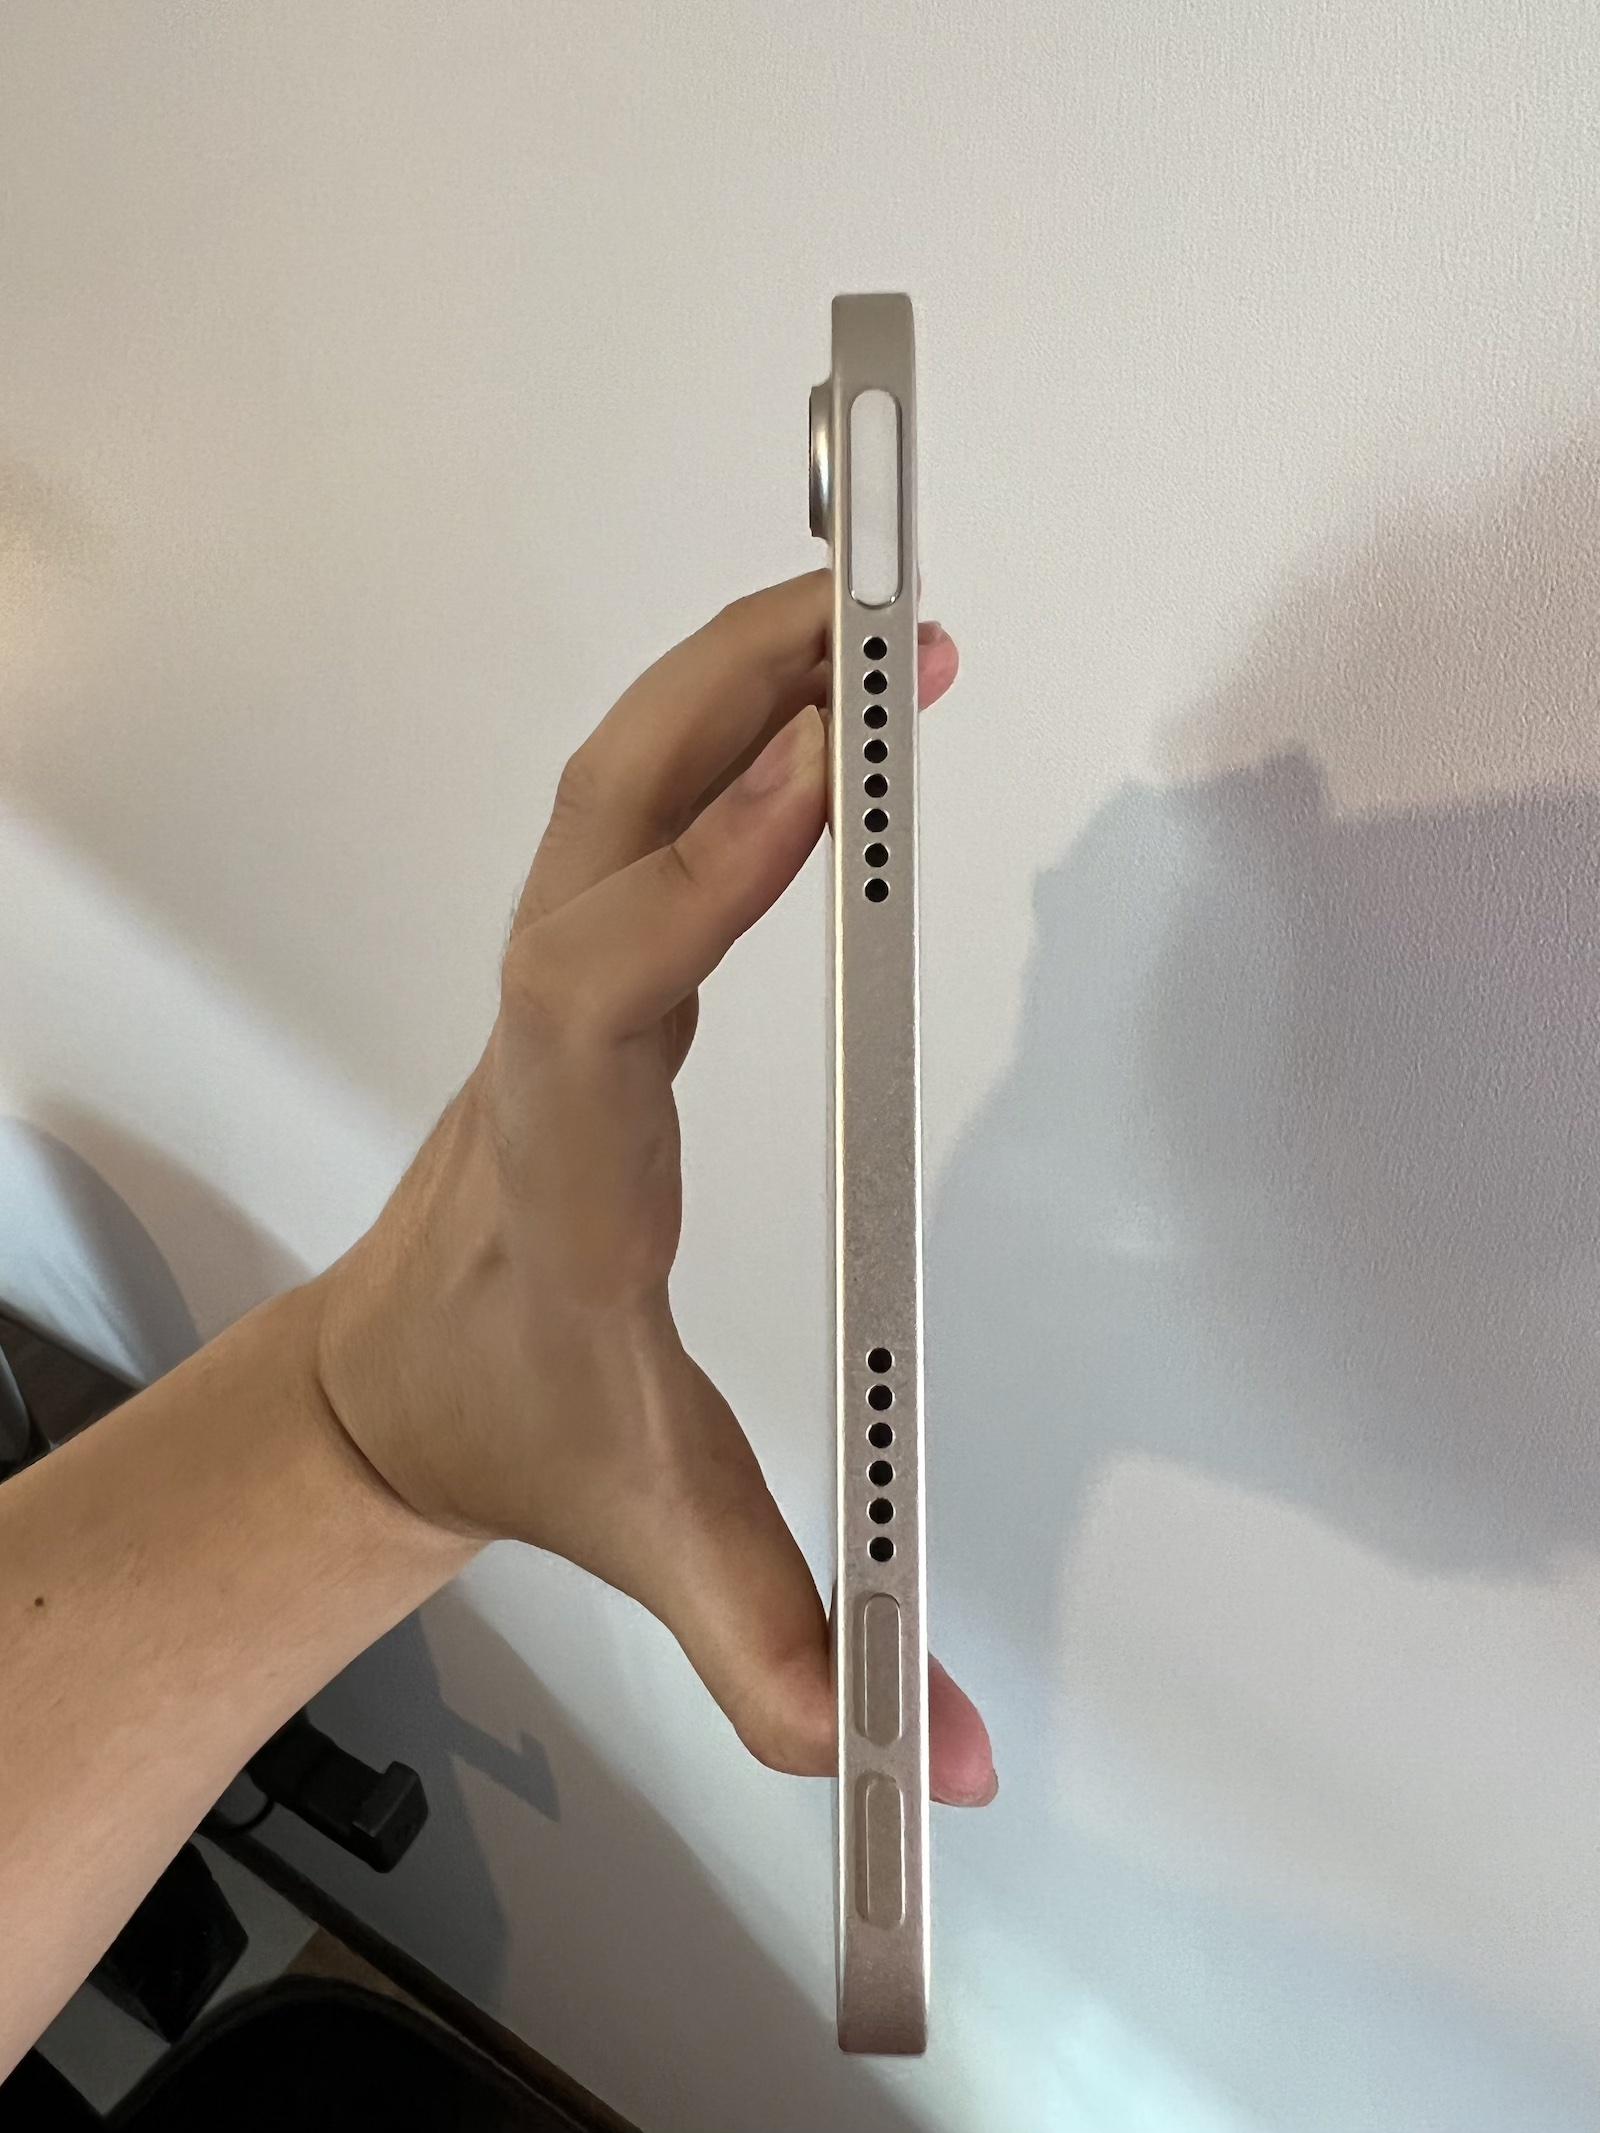 顔認証より指紋認証が好きな人はiPad mini